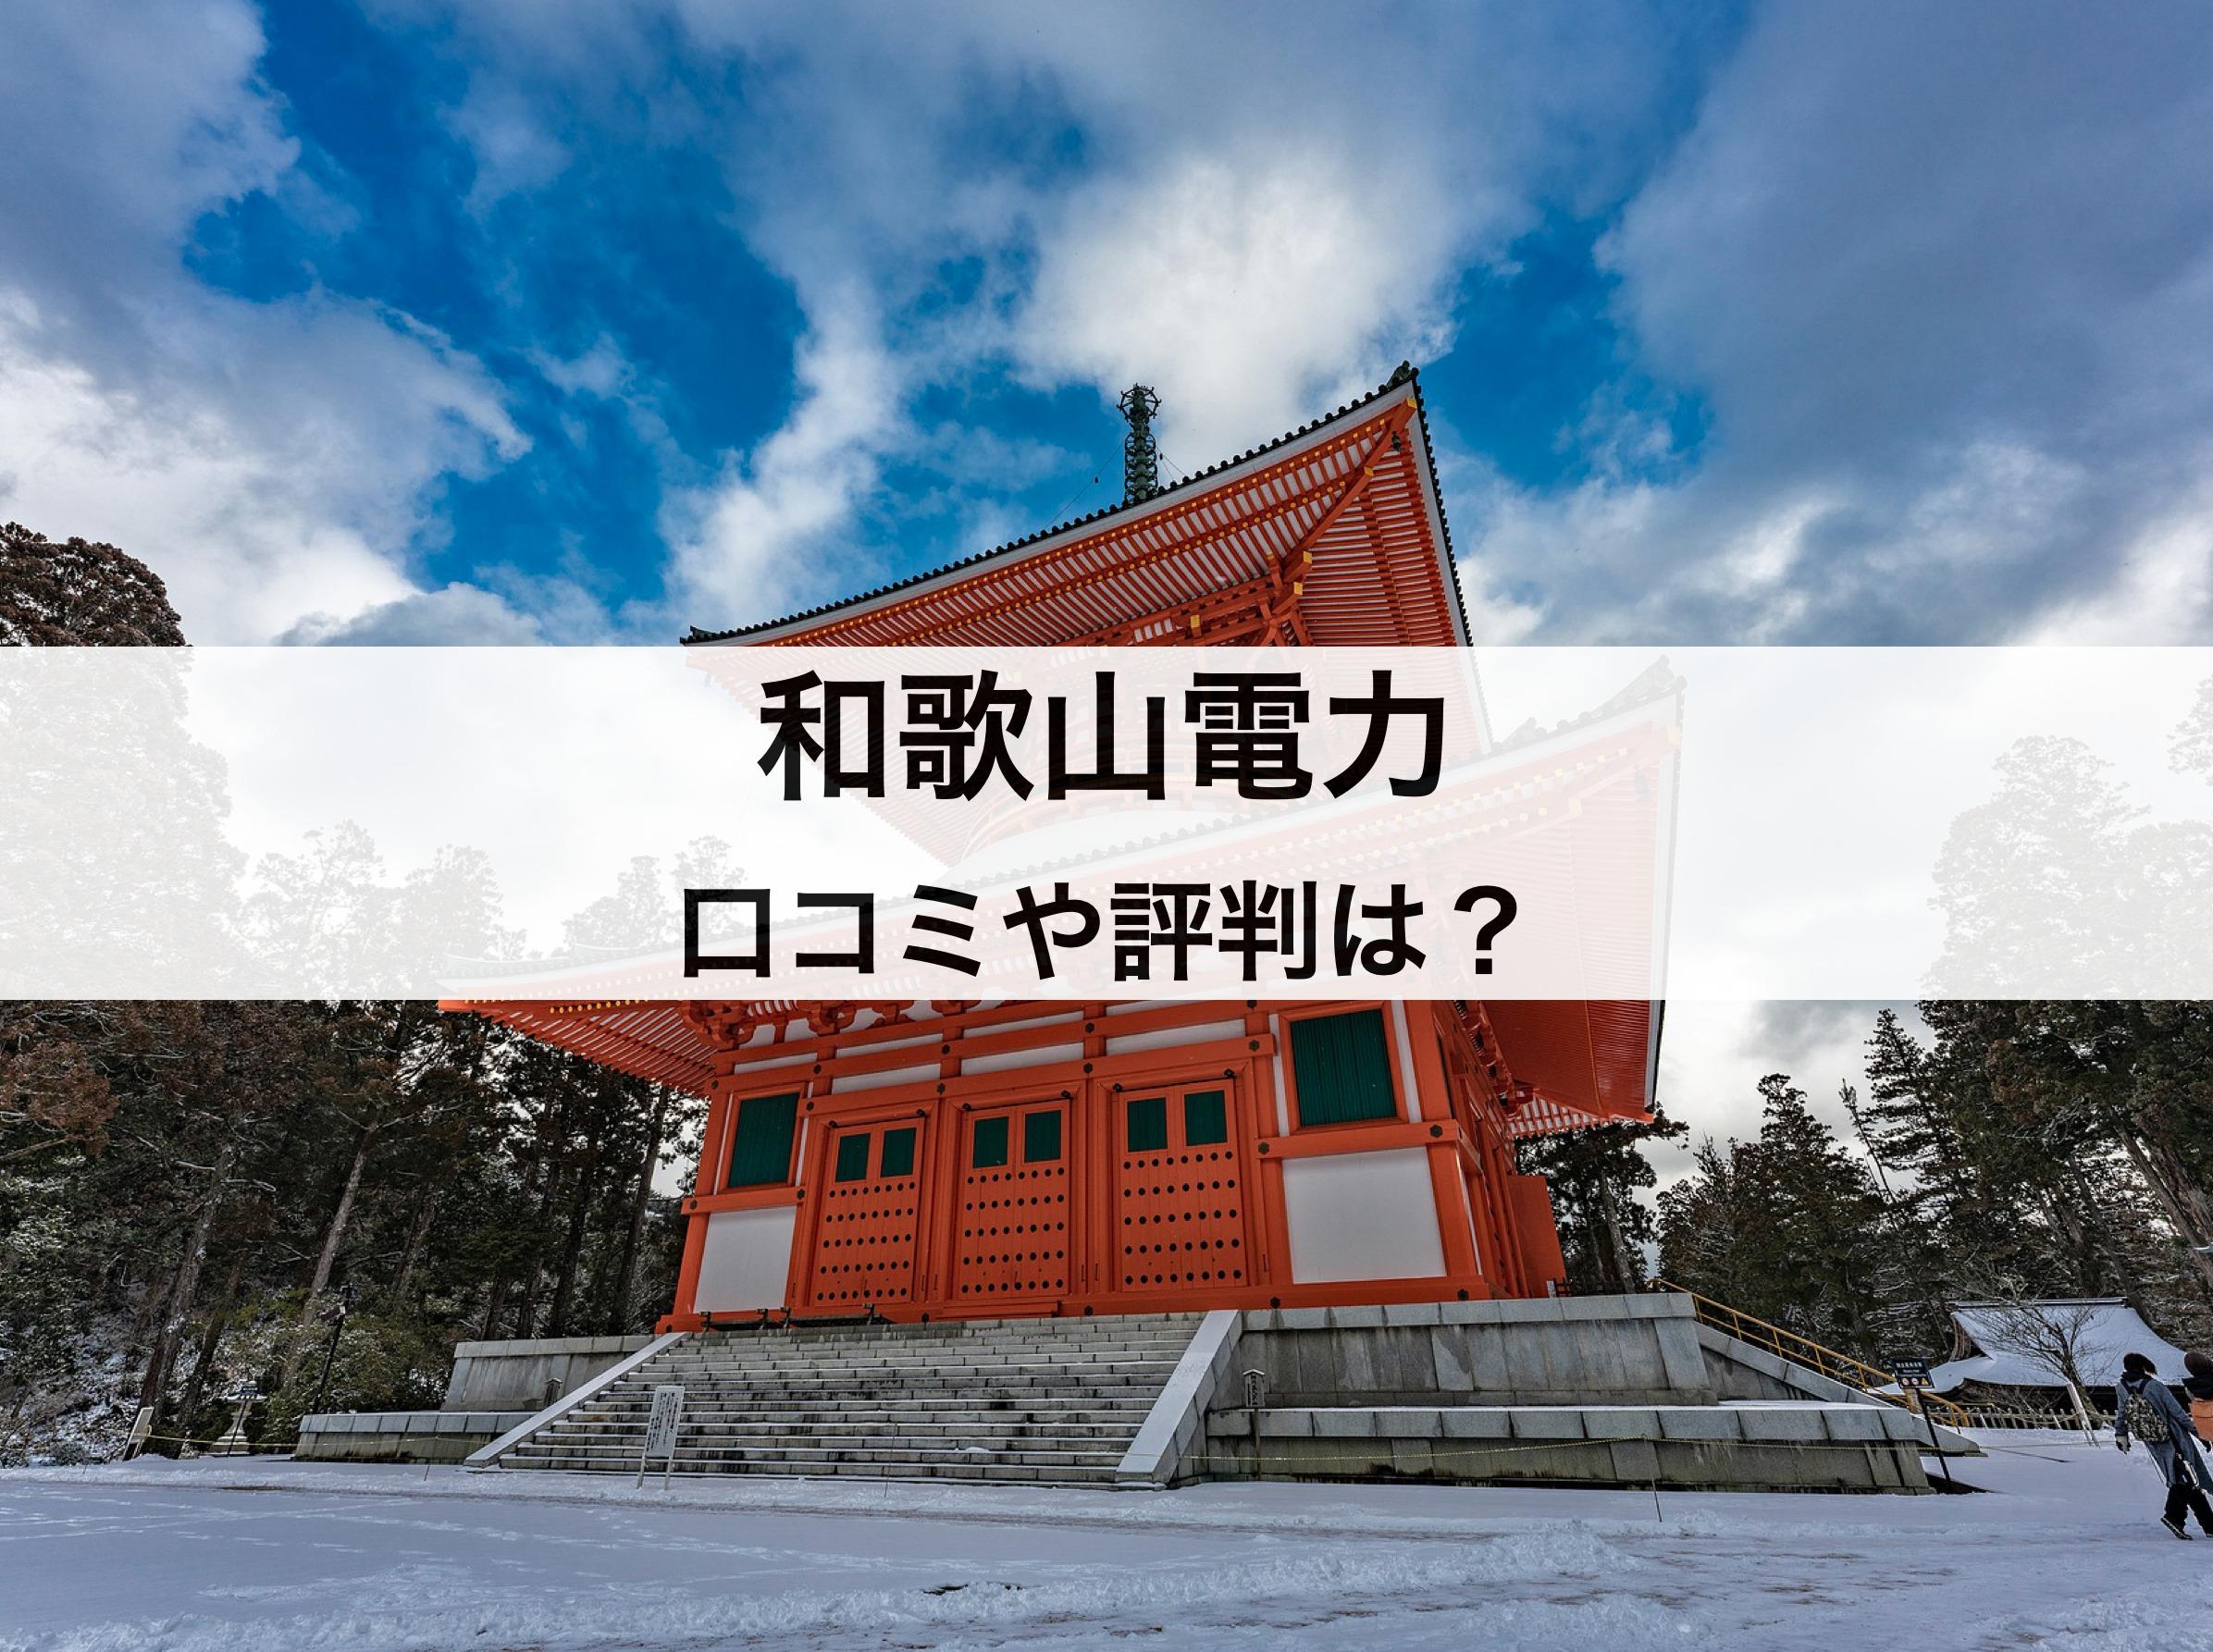 和歌山電力の口コミや評判|料金プラン、メリット・デメリットなど徹底解説!